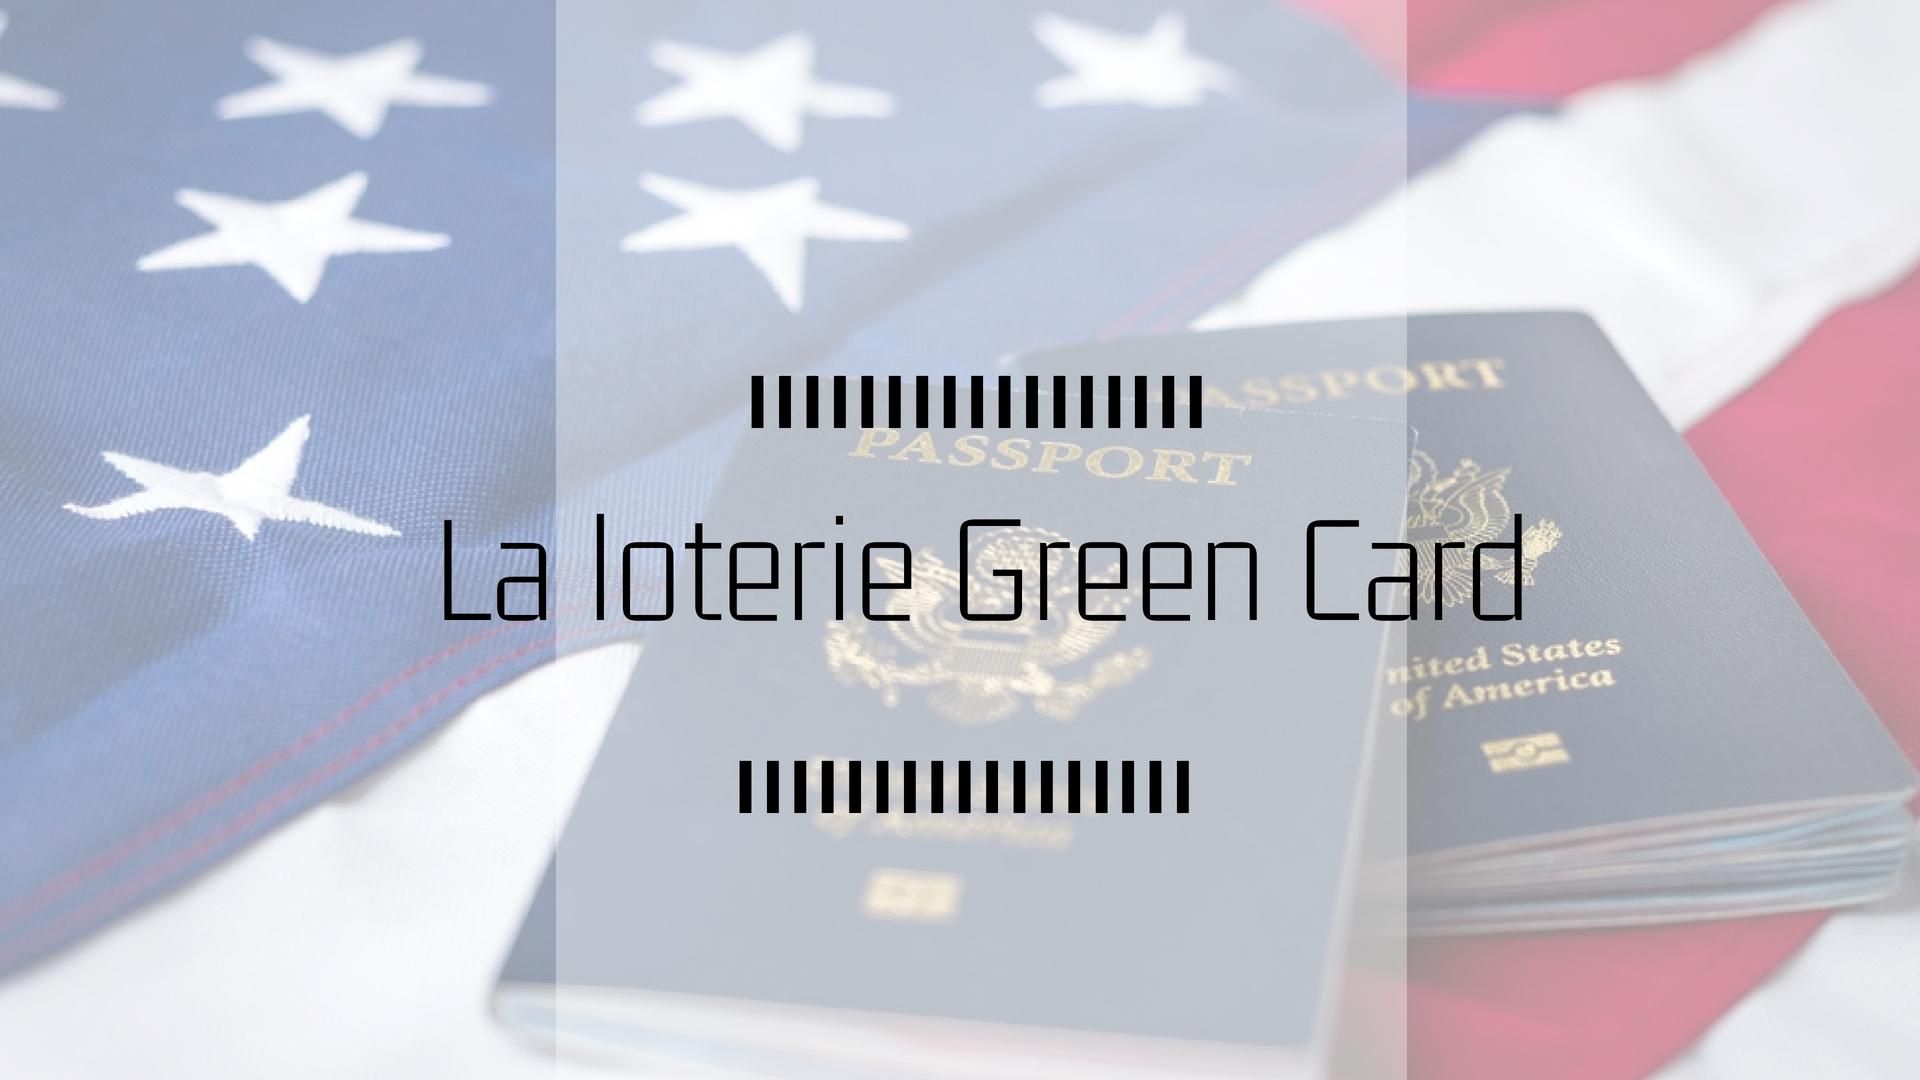 La loterie Green Card. By Anne| 2018-06-01T17:04:52+00:00 1 juin, 2018|